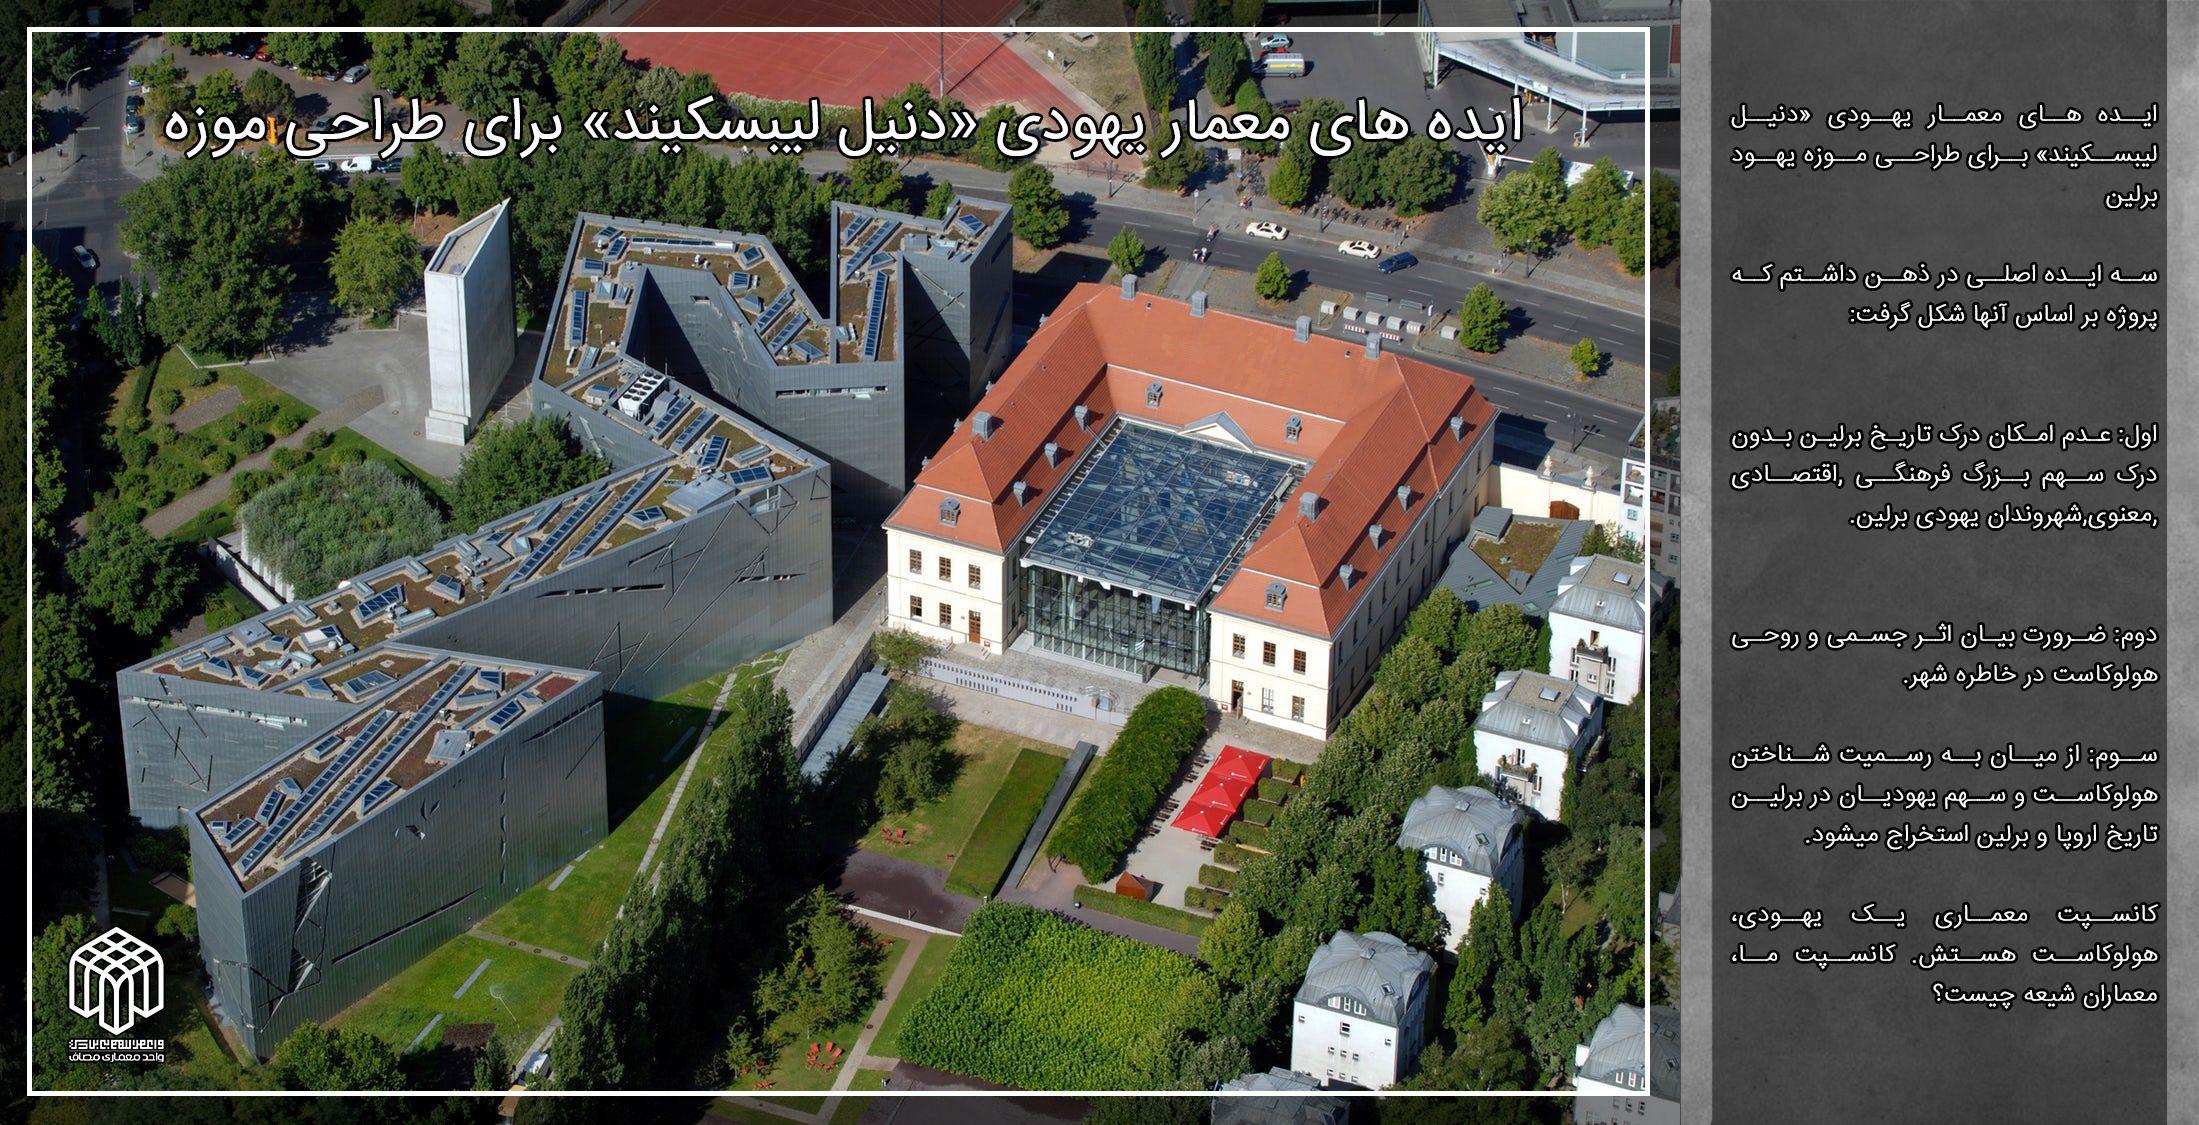 ایده های معمار یهودی «دنیل لیبسکیند» برای طراحی موزه یهود برلین